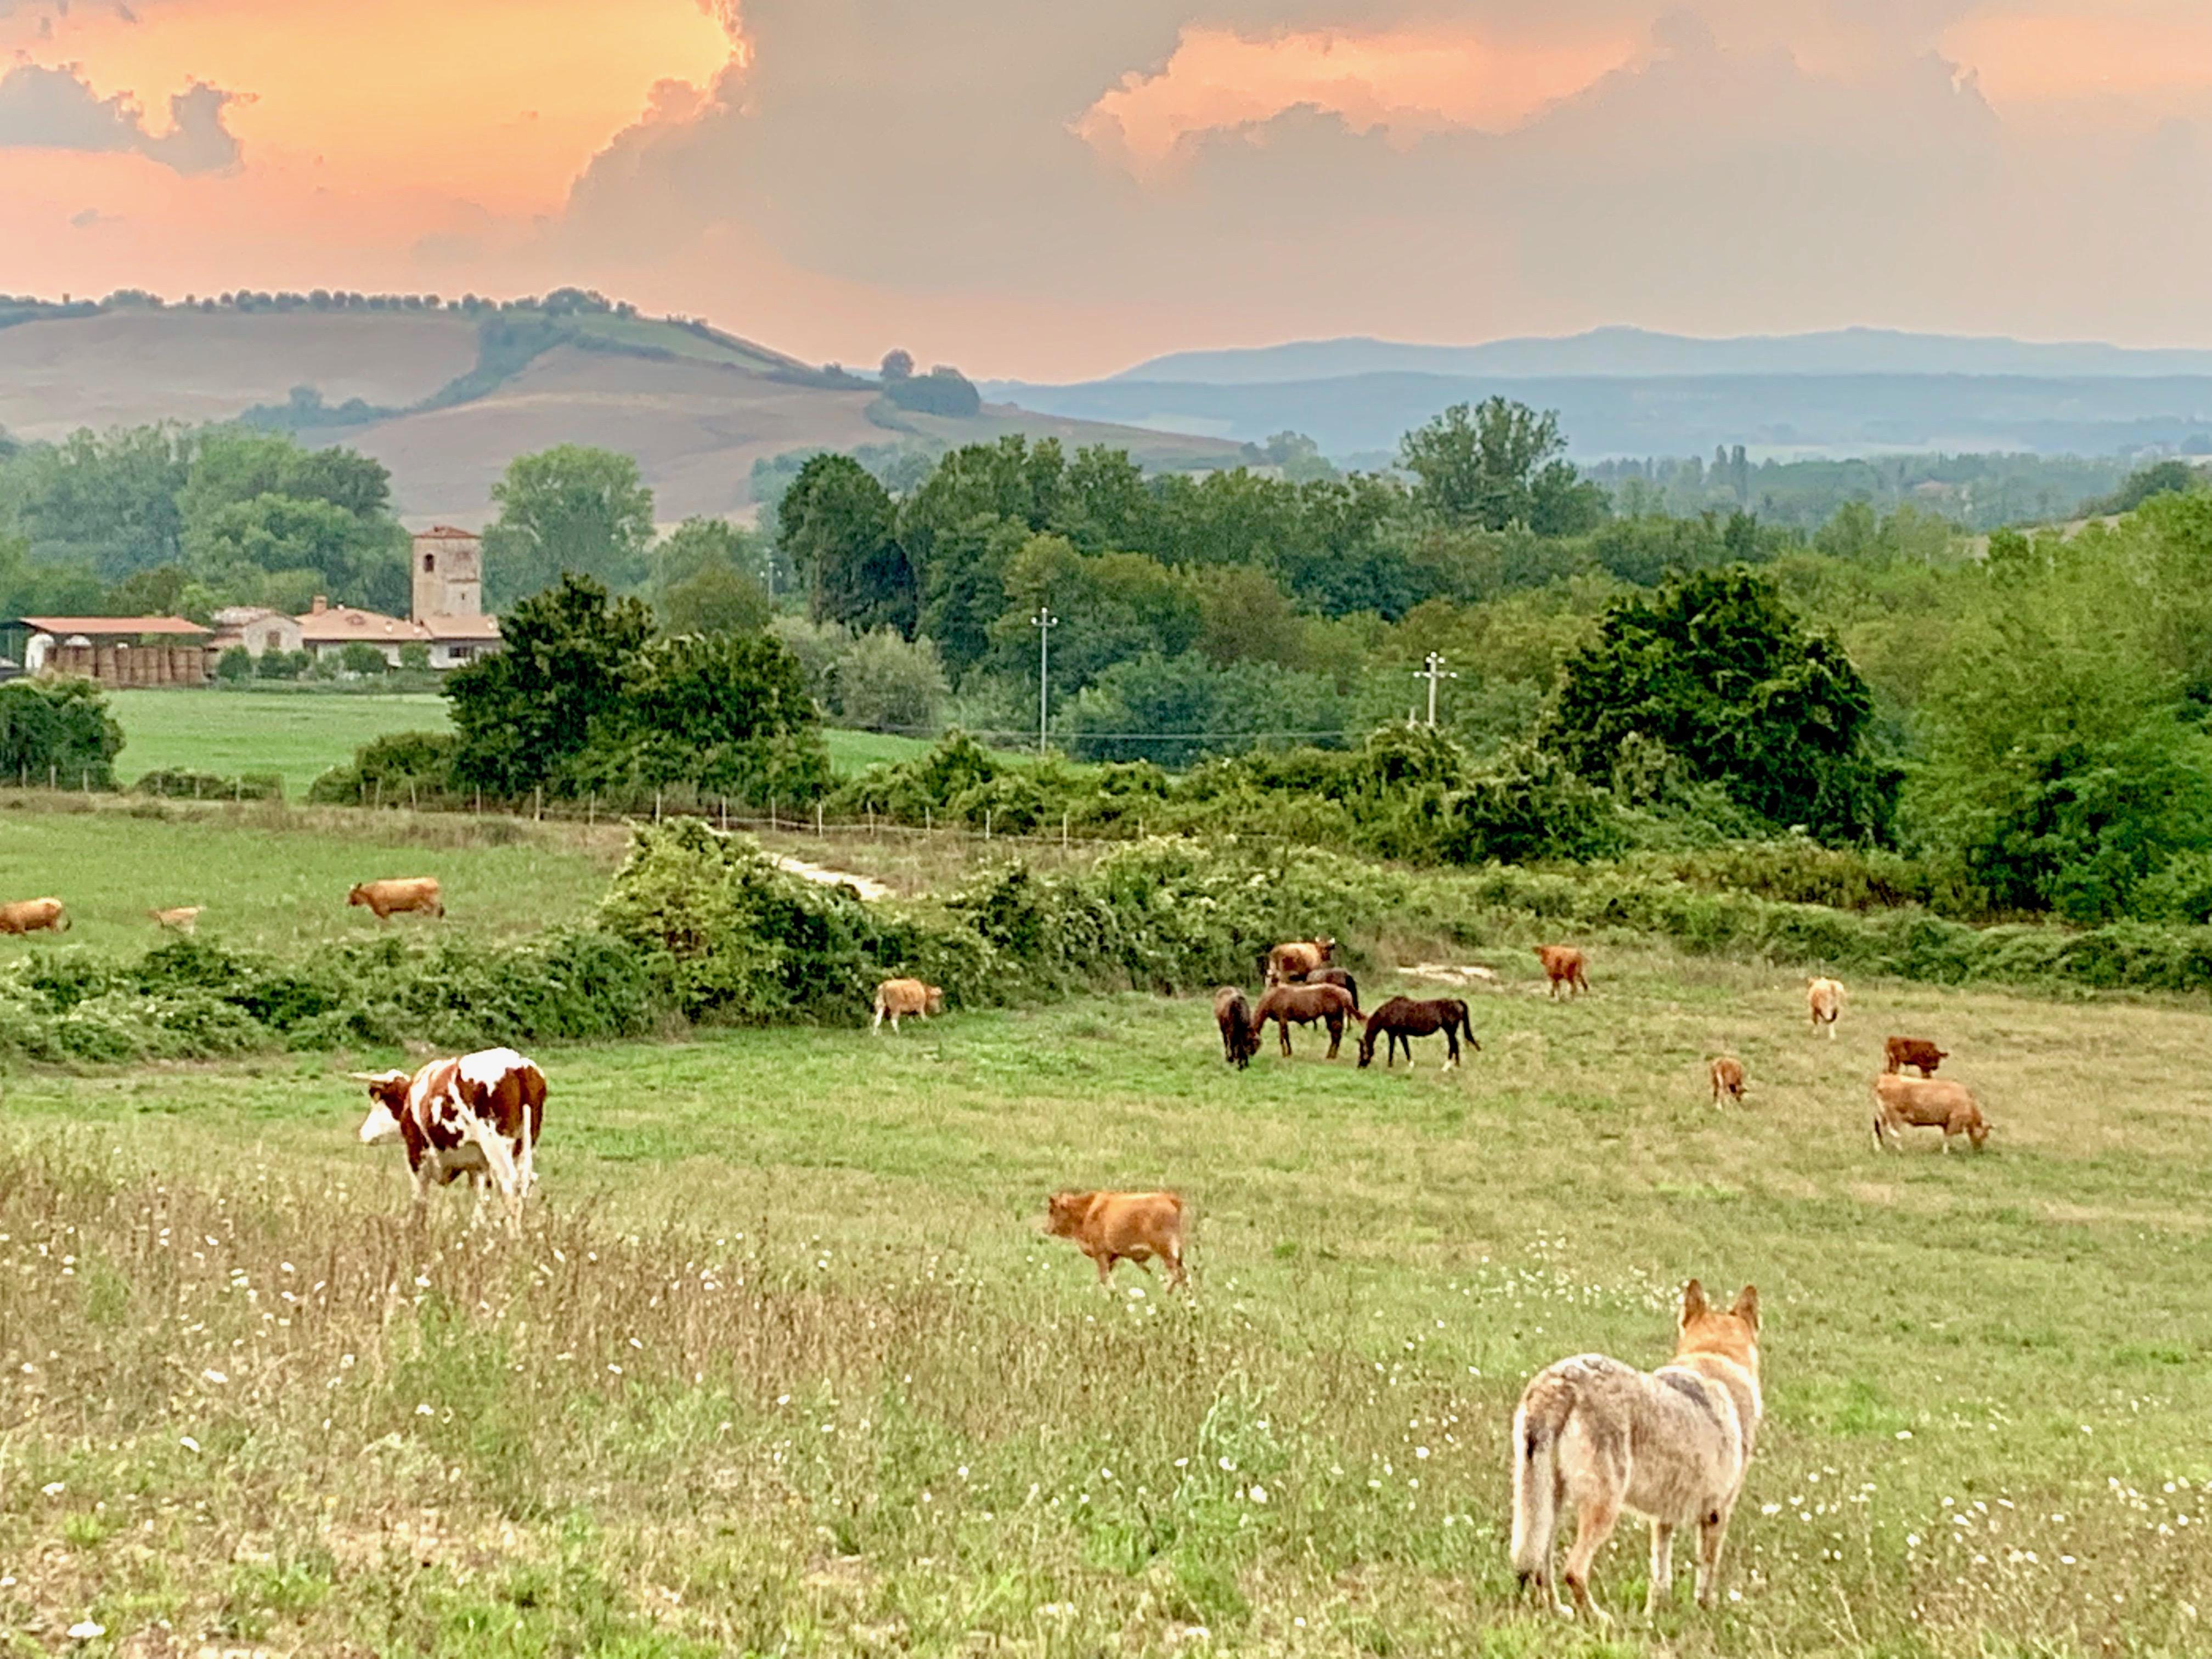 mucche e cavalli insieme al pascolo